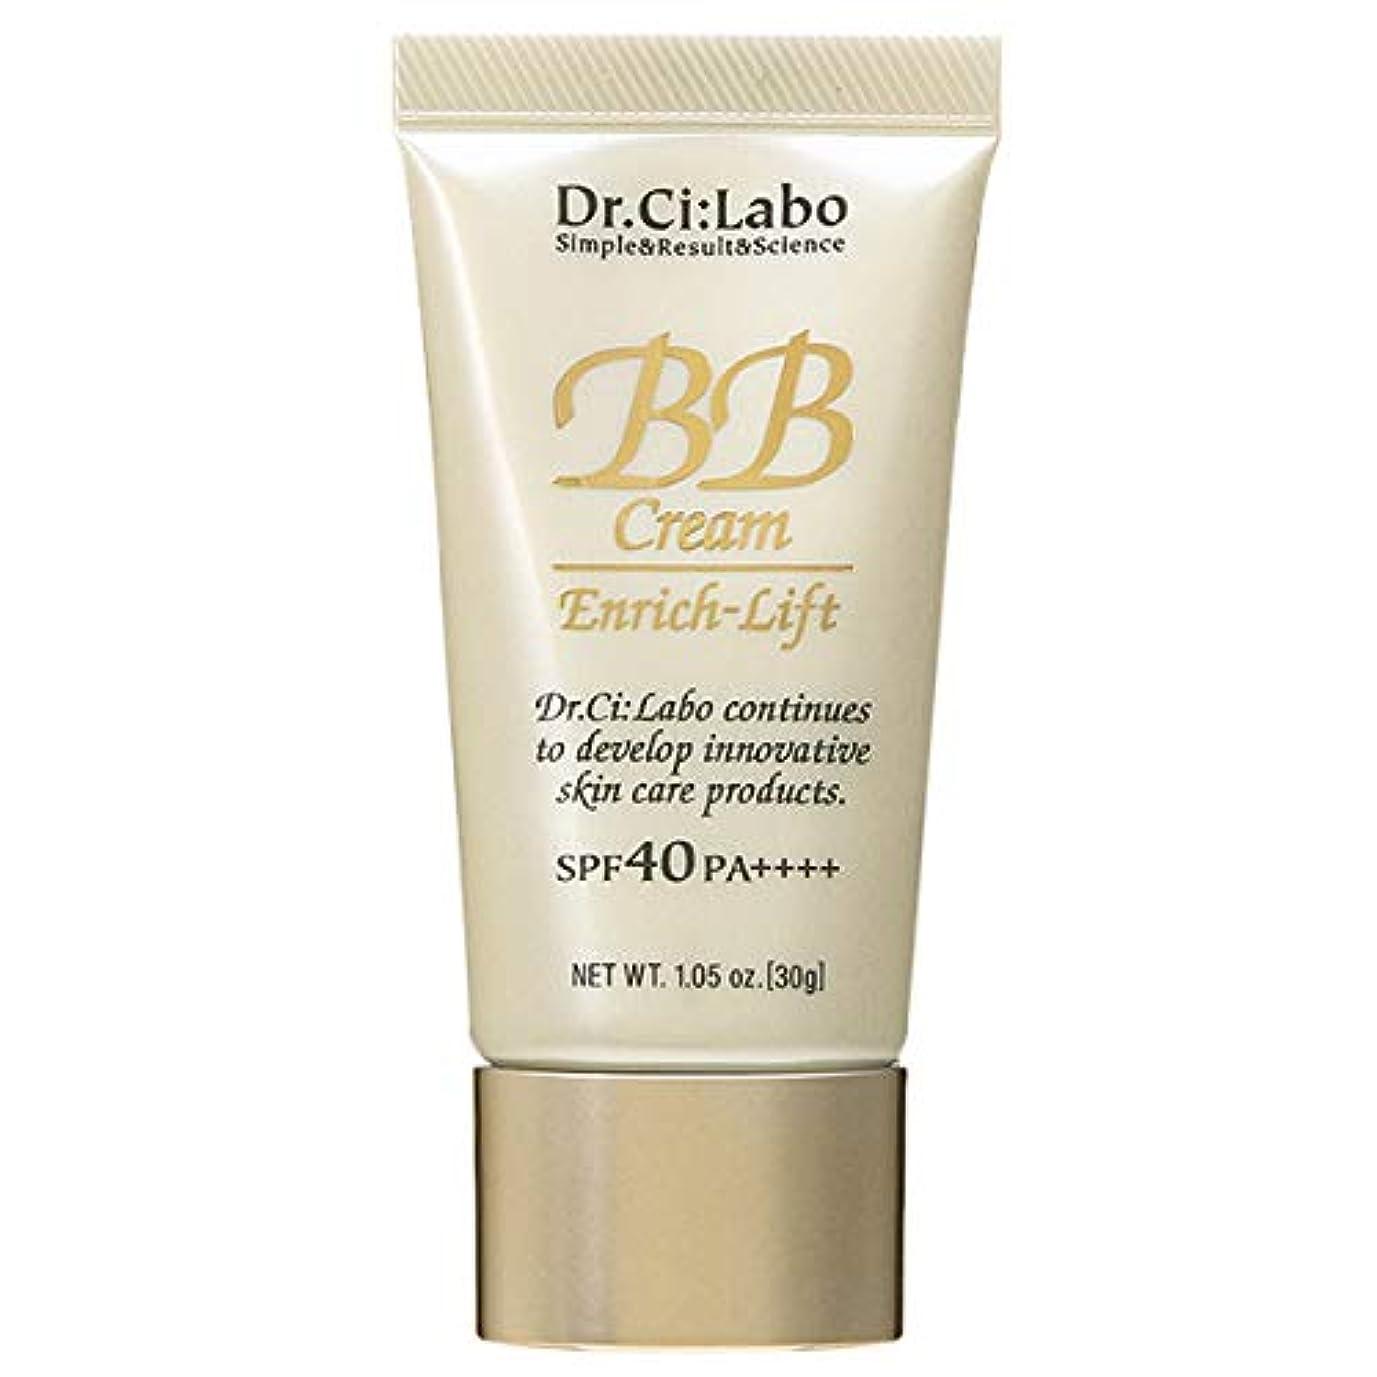 オーストラリア抽出豆ドクターシーラボ Dr.Ci:Labo BBクリーム エンリッチリフトLN18 SPF40 PA++++ 30g